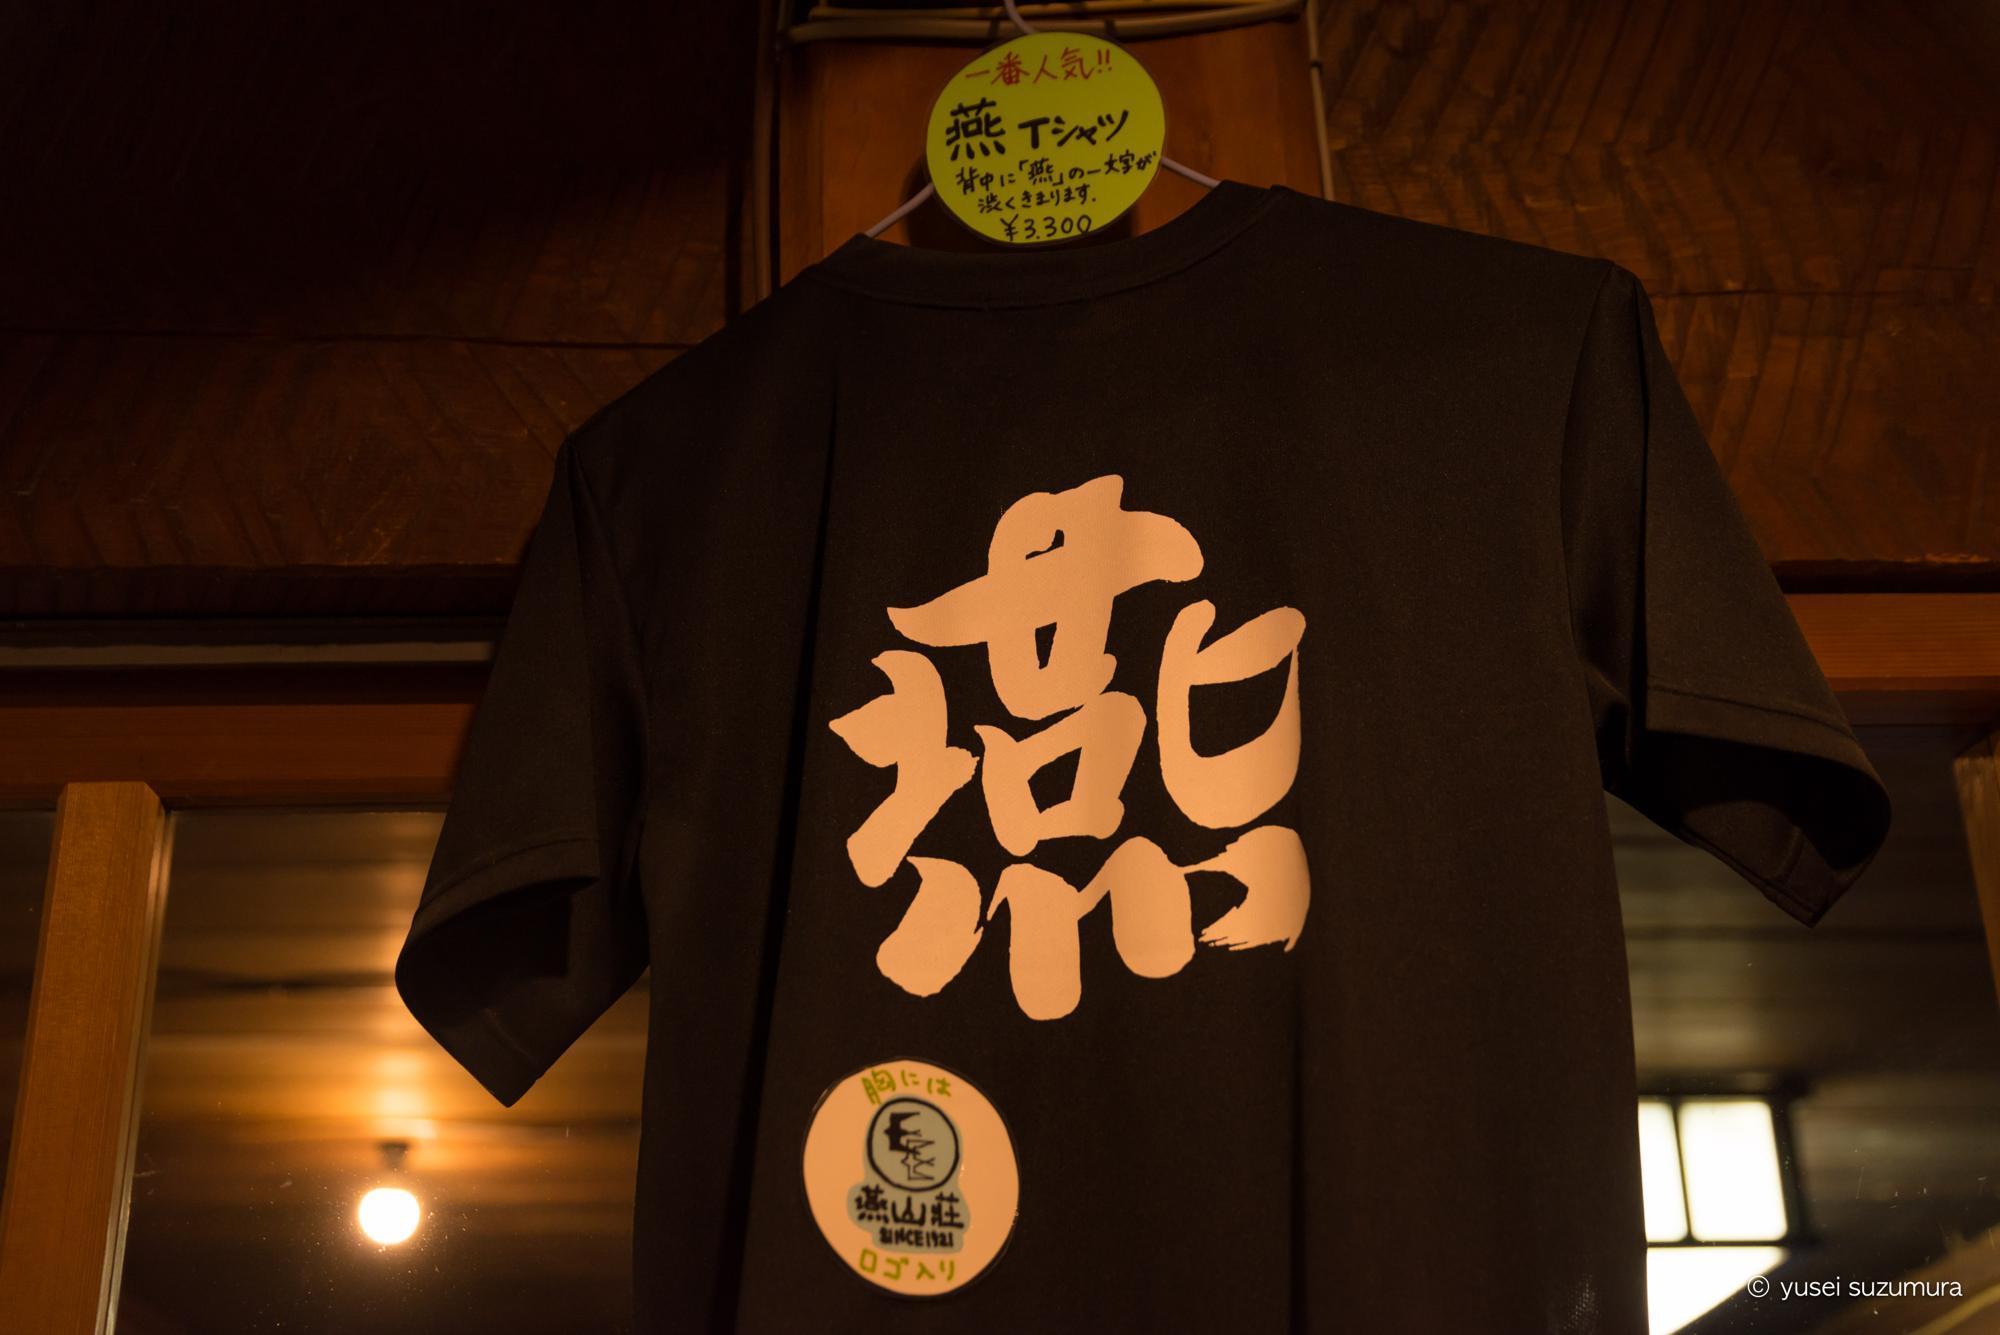 燕山荘 売店 燕Tシャツ